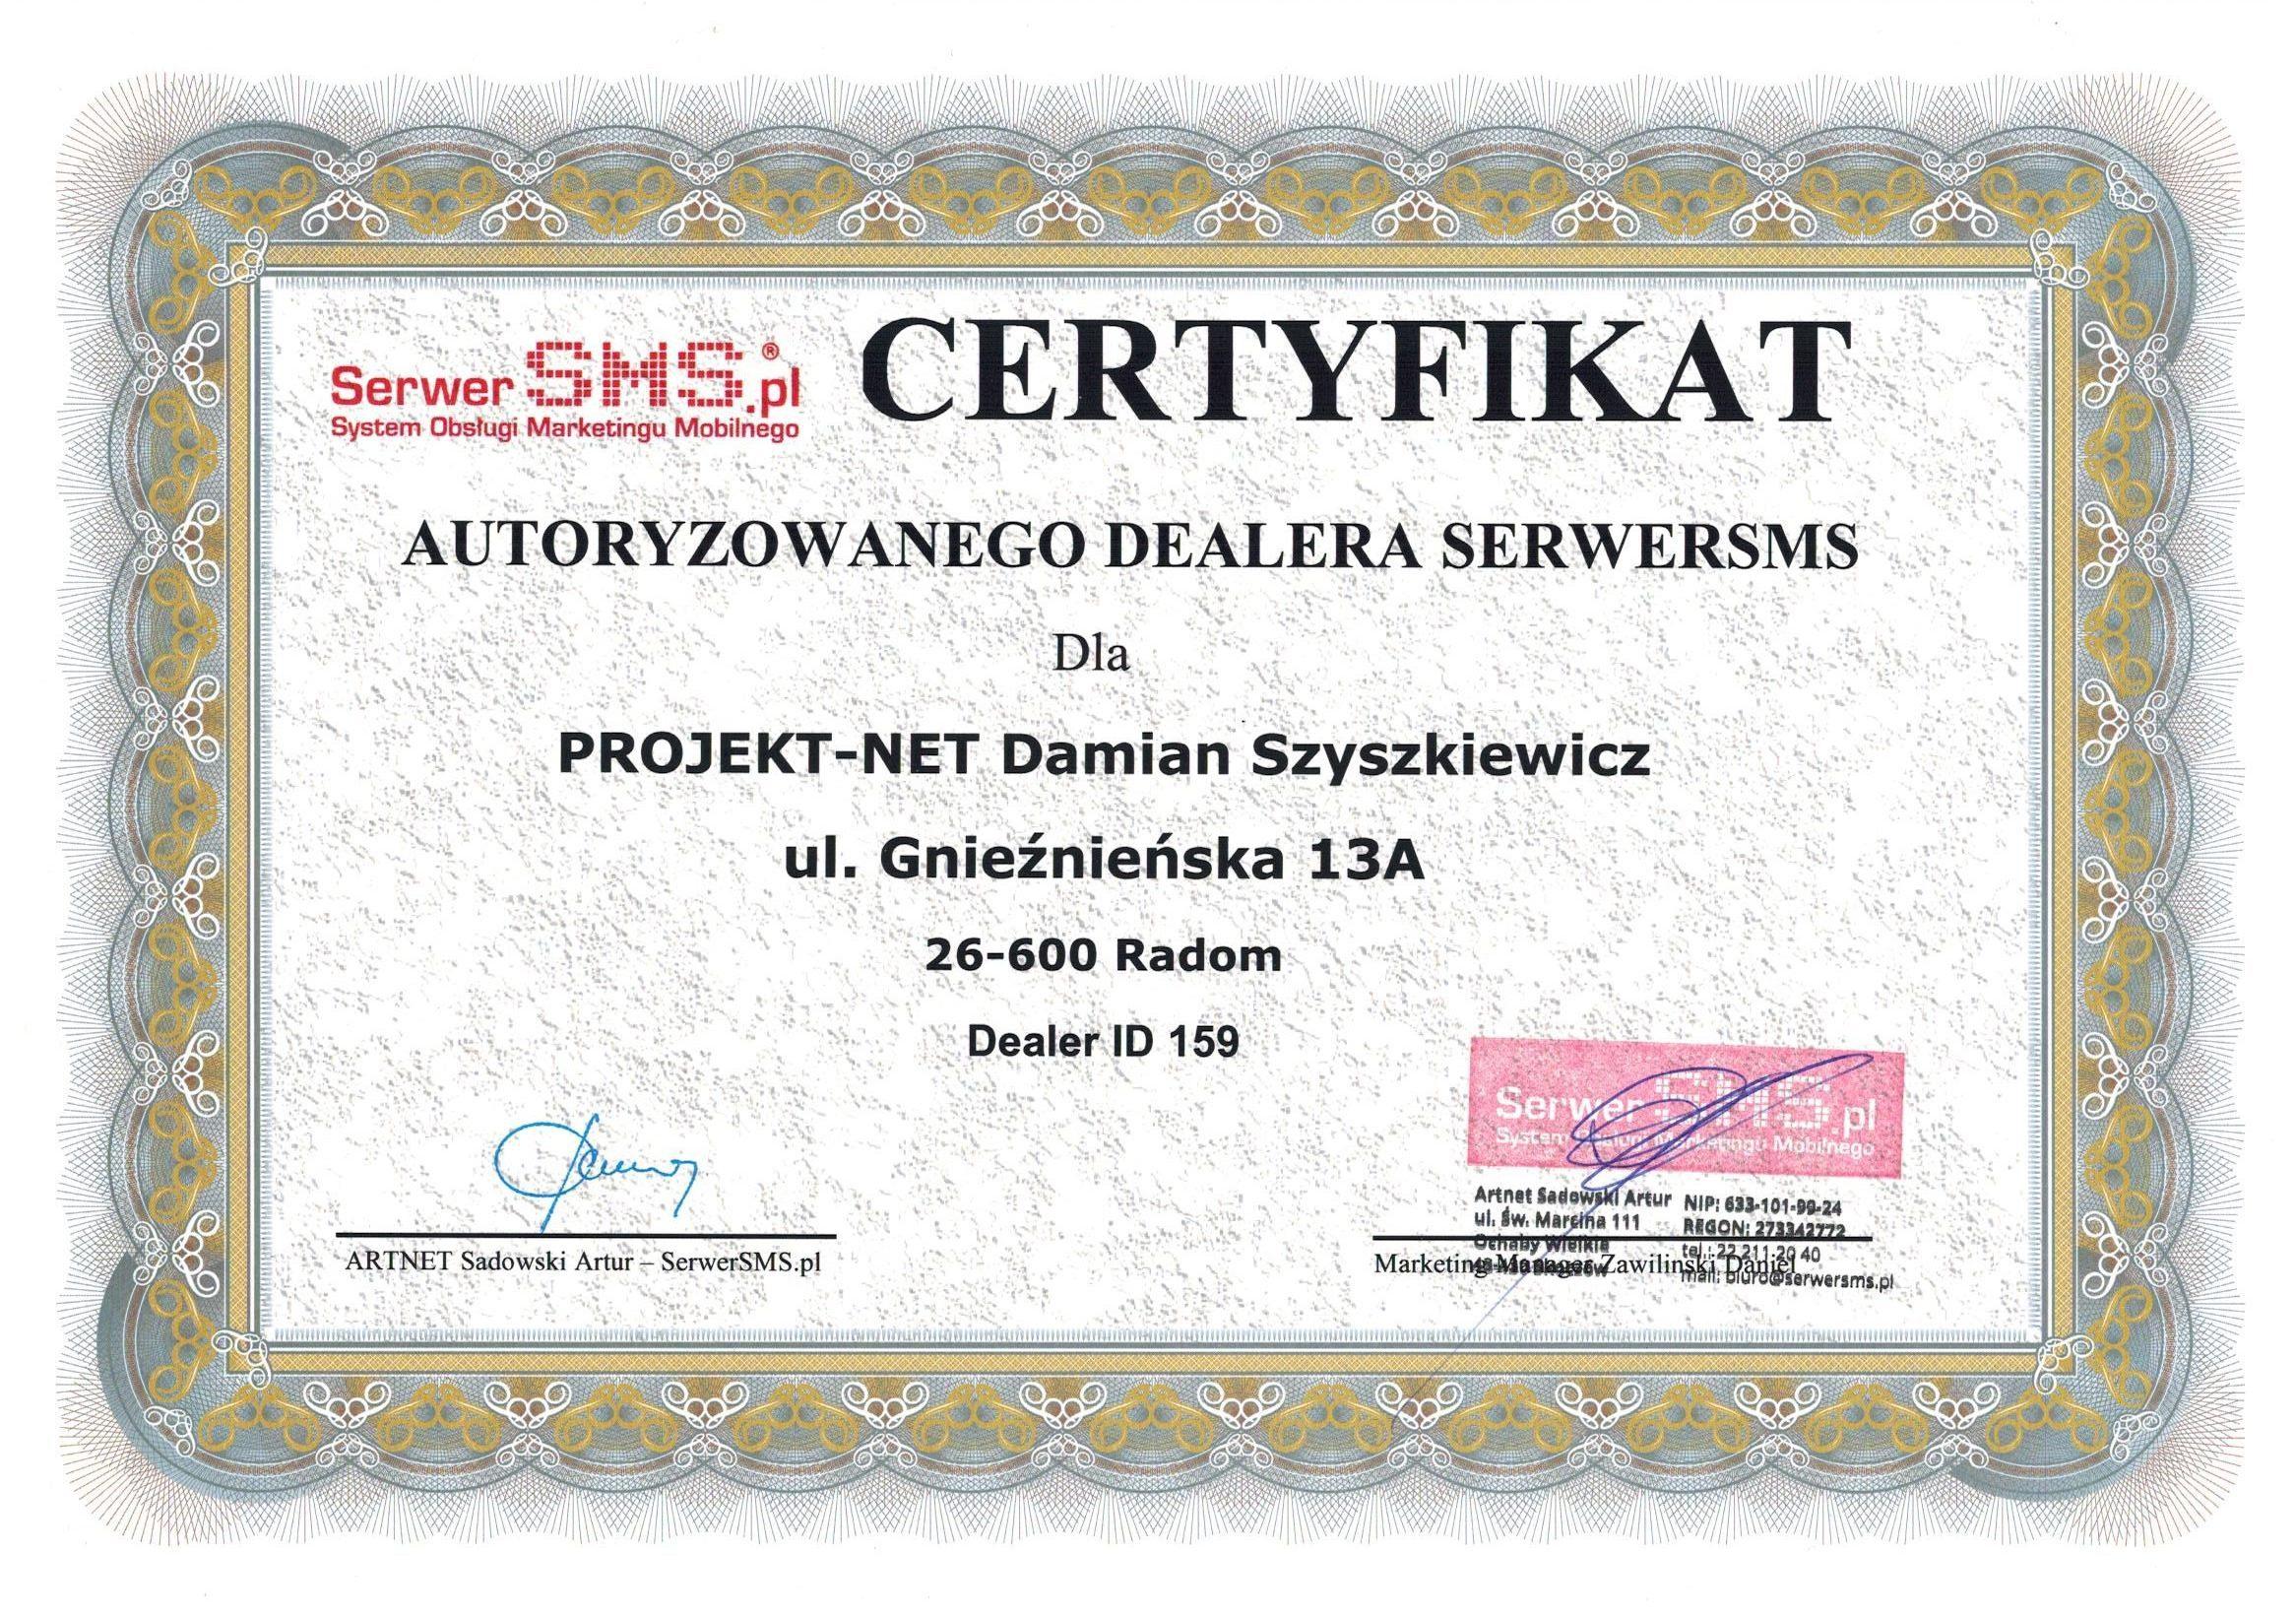 Certyfikat autoryzowanego dealera smsserwer